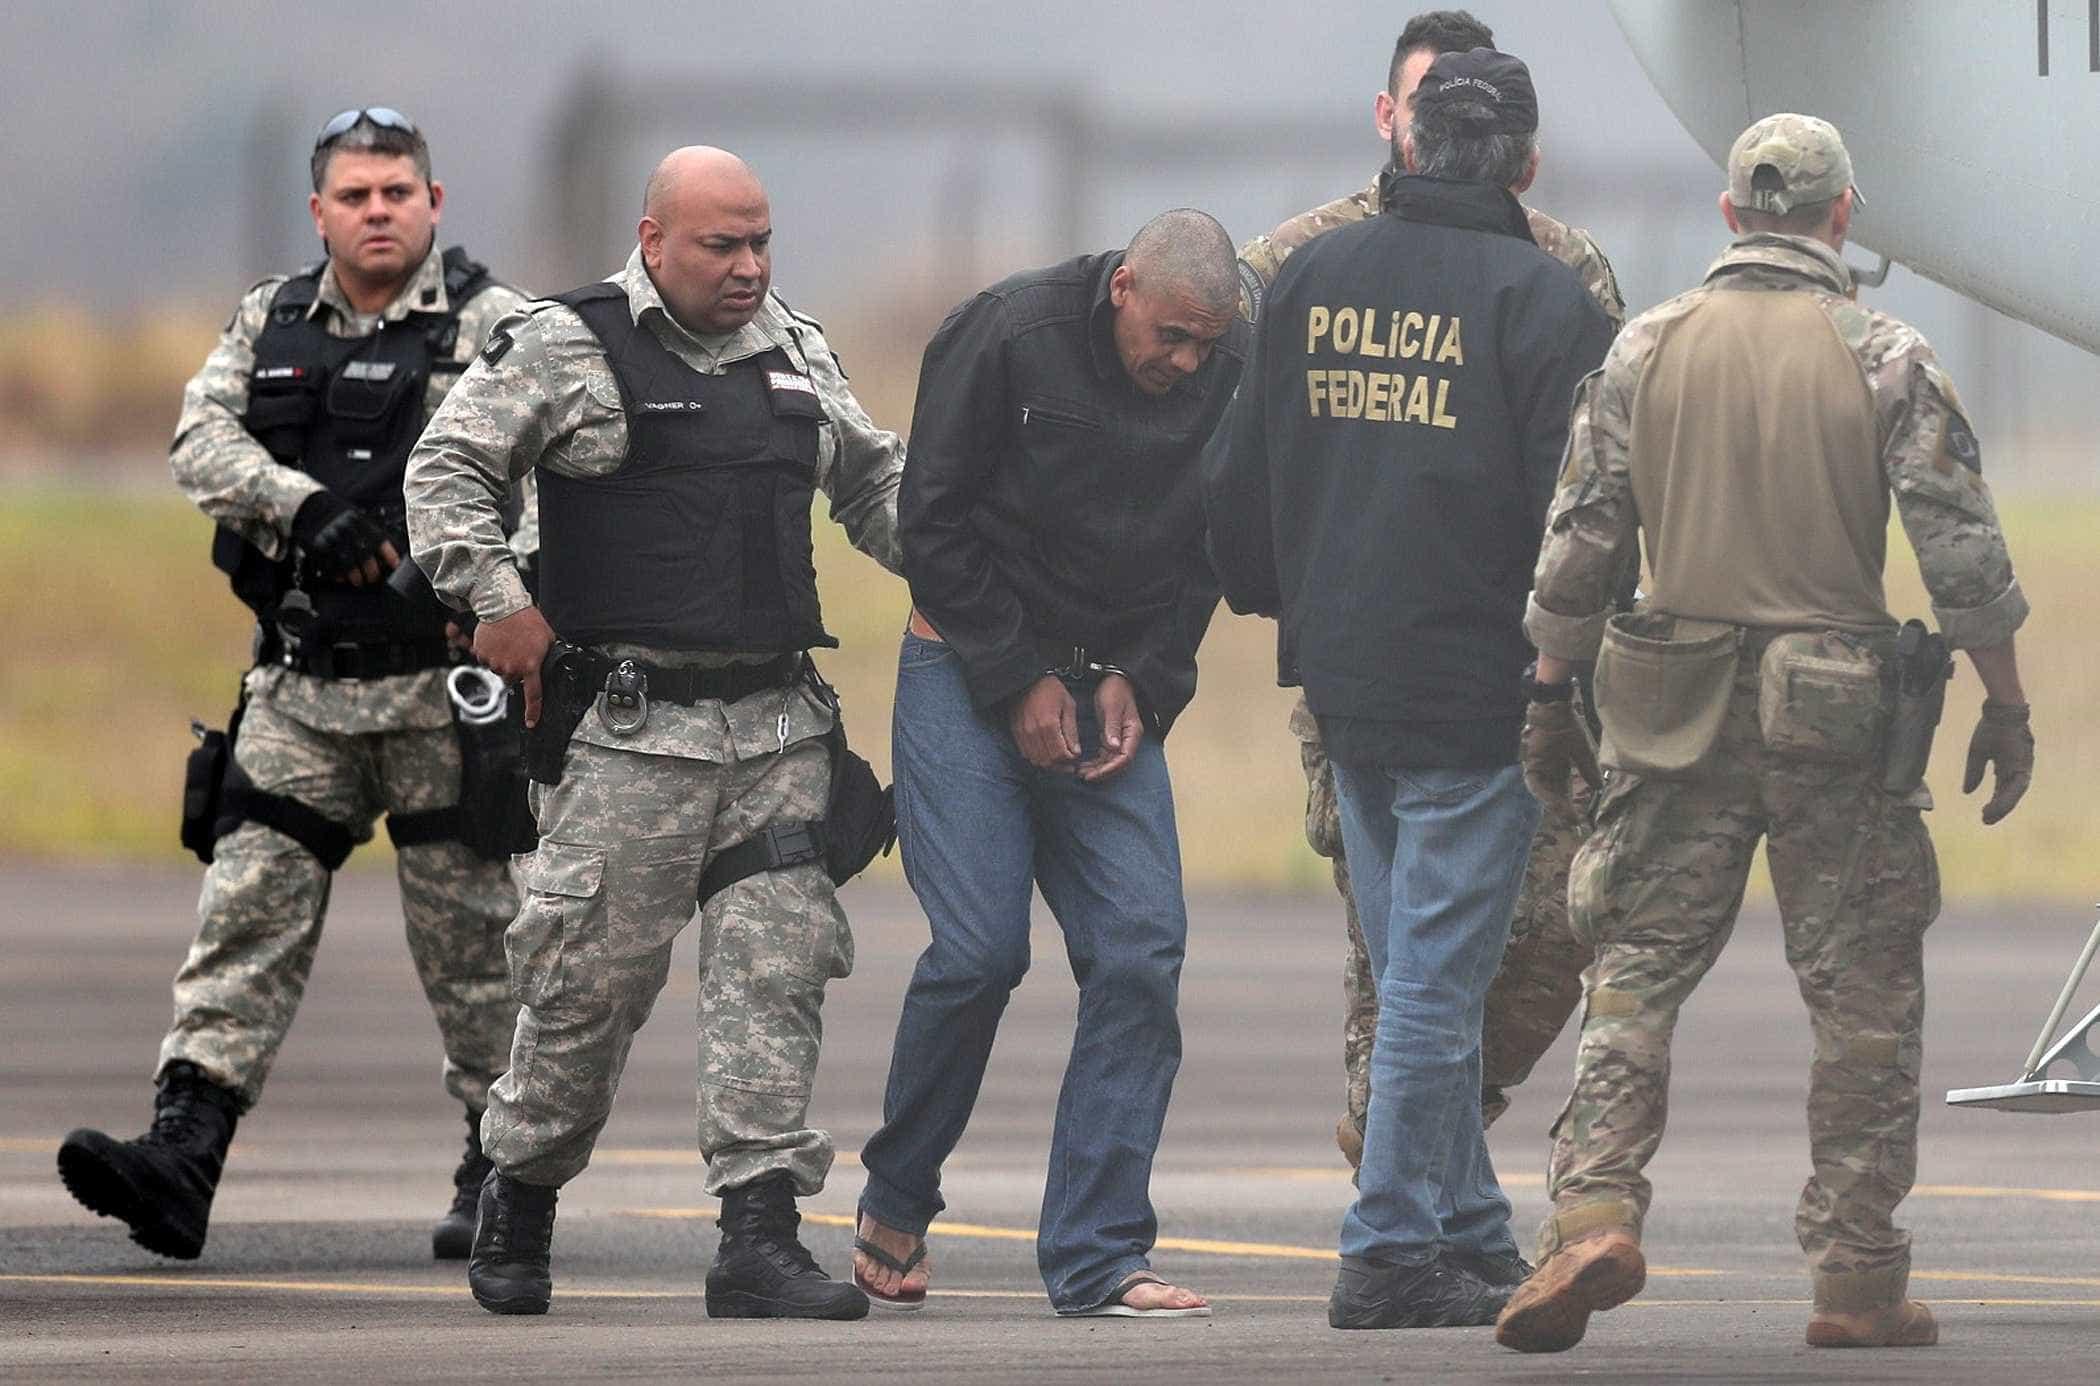 Agressor de Bolsonaro agiu sozinho no momento do ataque, conclui PF